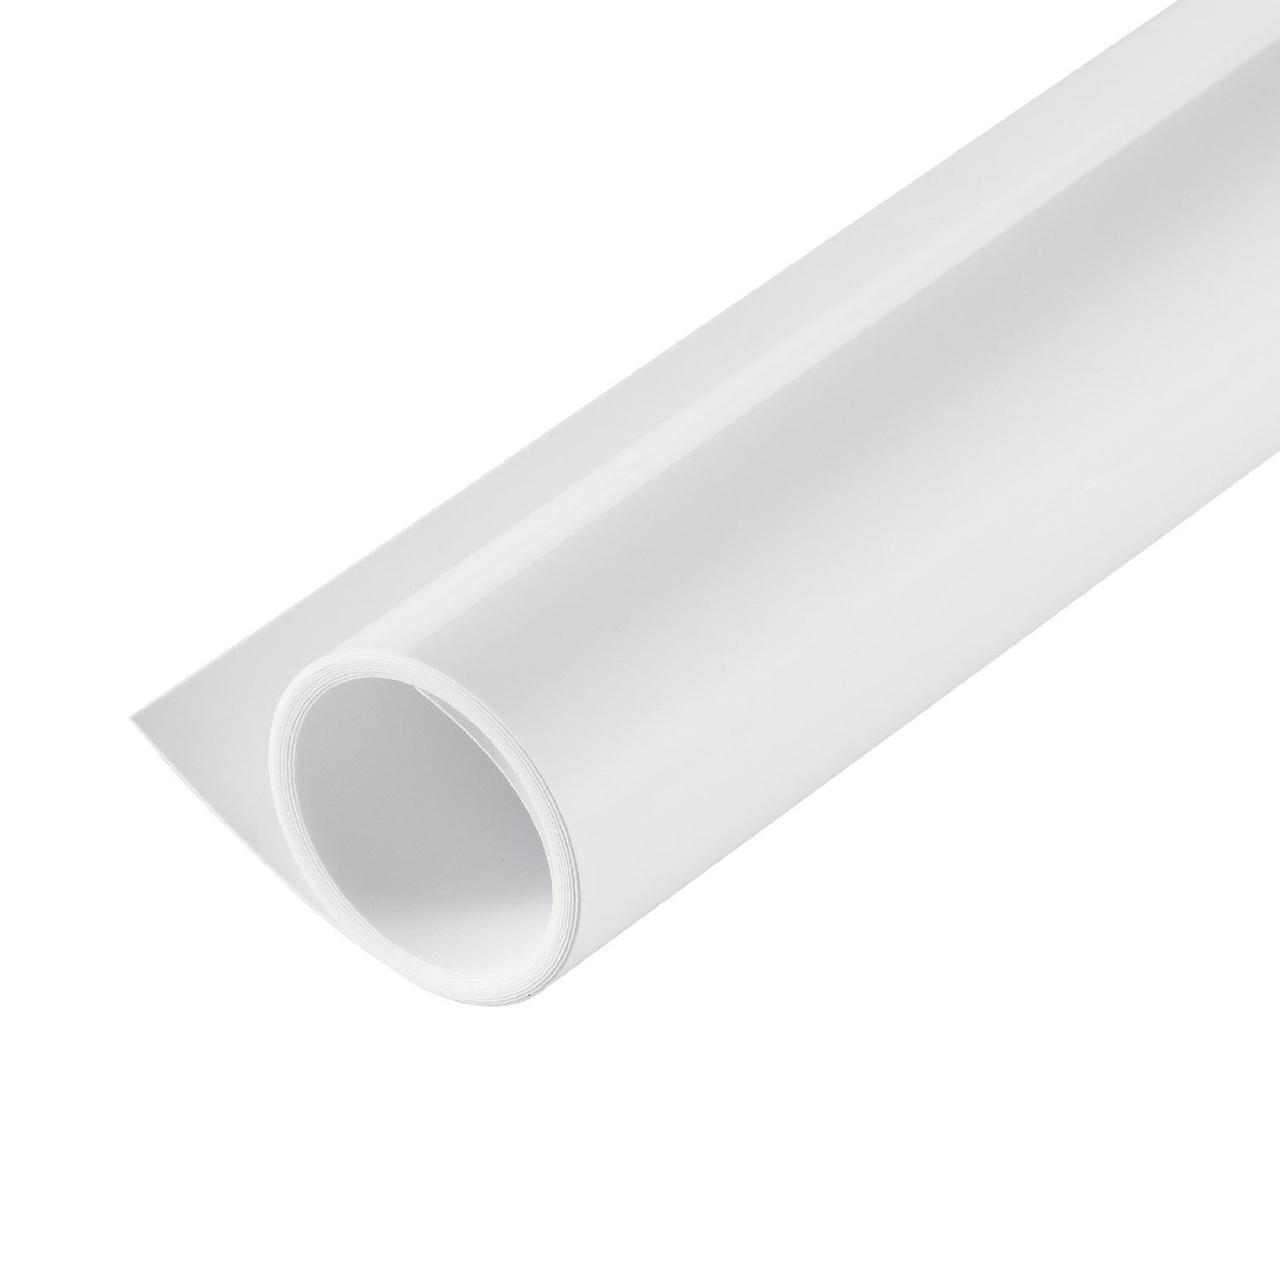 Белый двухсторонний матовый/глянцевый ПВХ (виниловый) фон Puluz для предметной фото съемки 200 х 120 см.